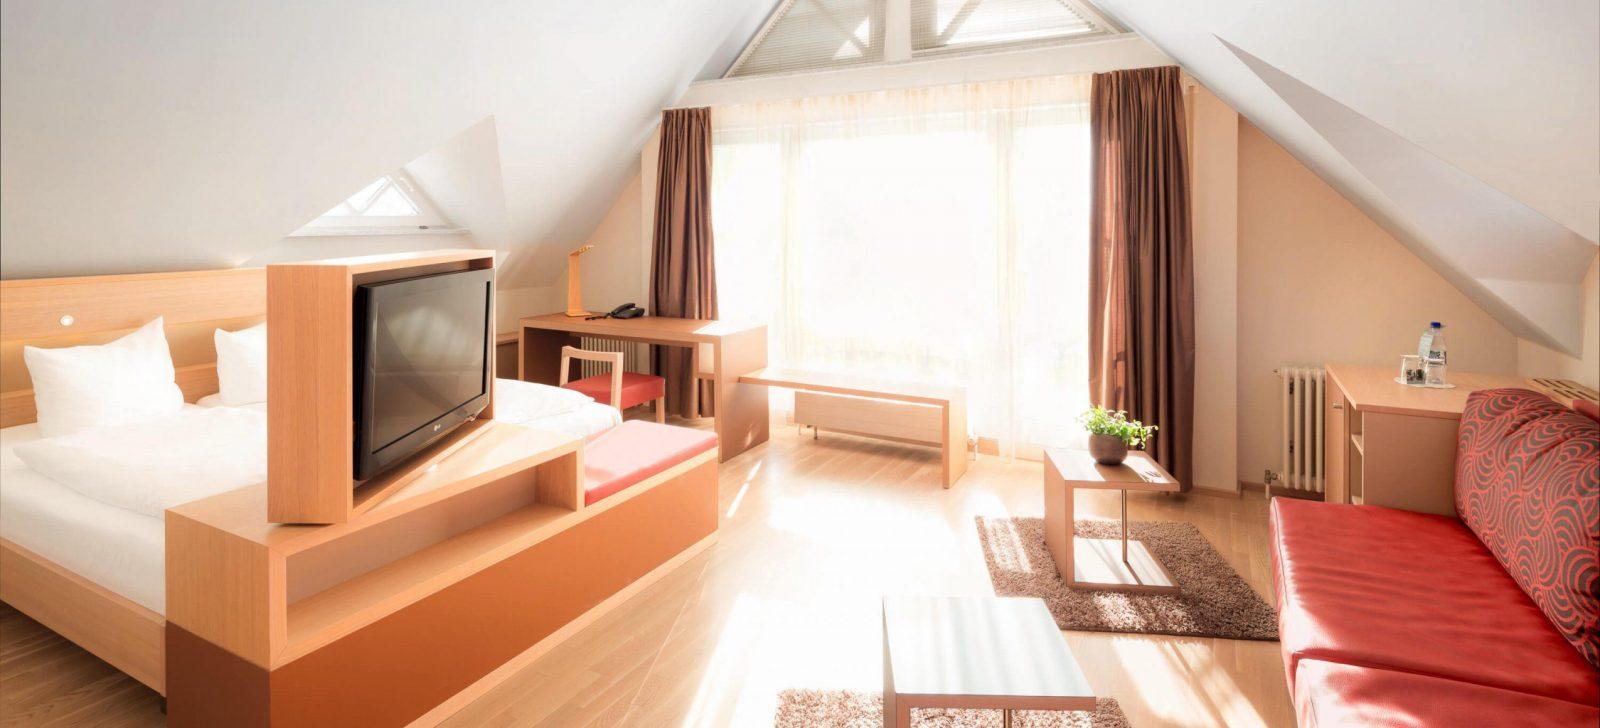 Hotel Traube Am See  Holiday And Wellness Friedrichshafen von Hotel Traube Am See Fischbach Bild